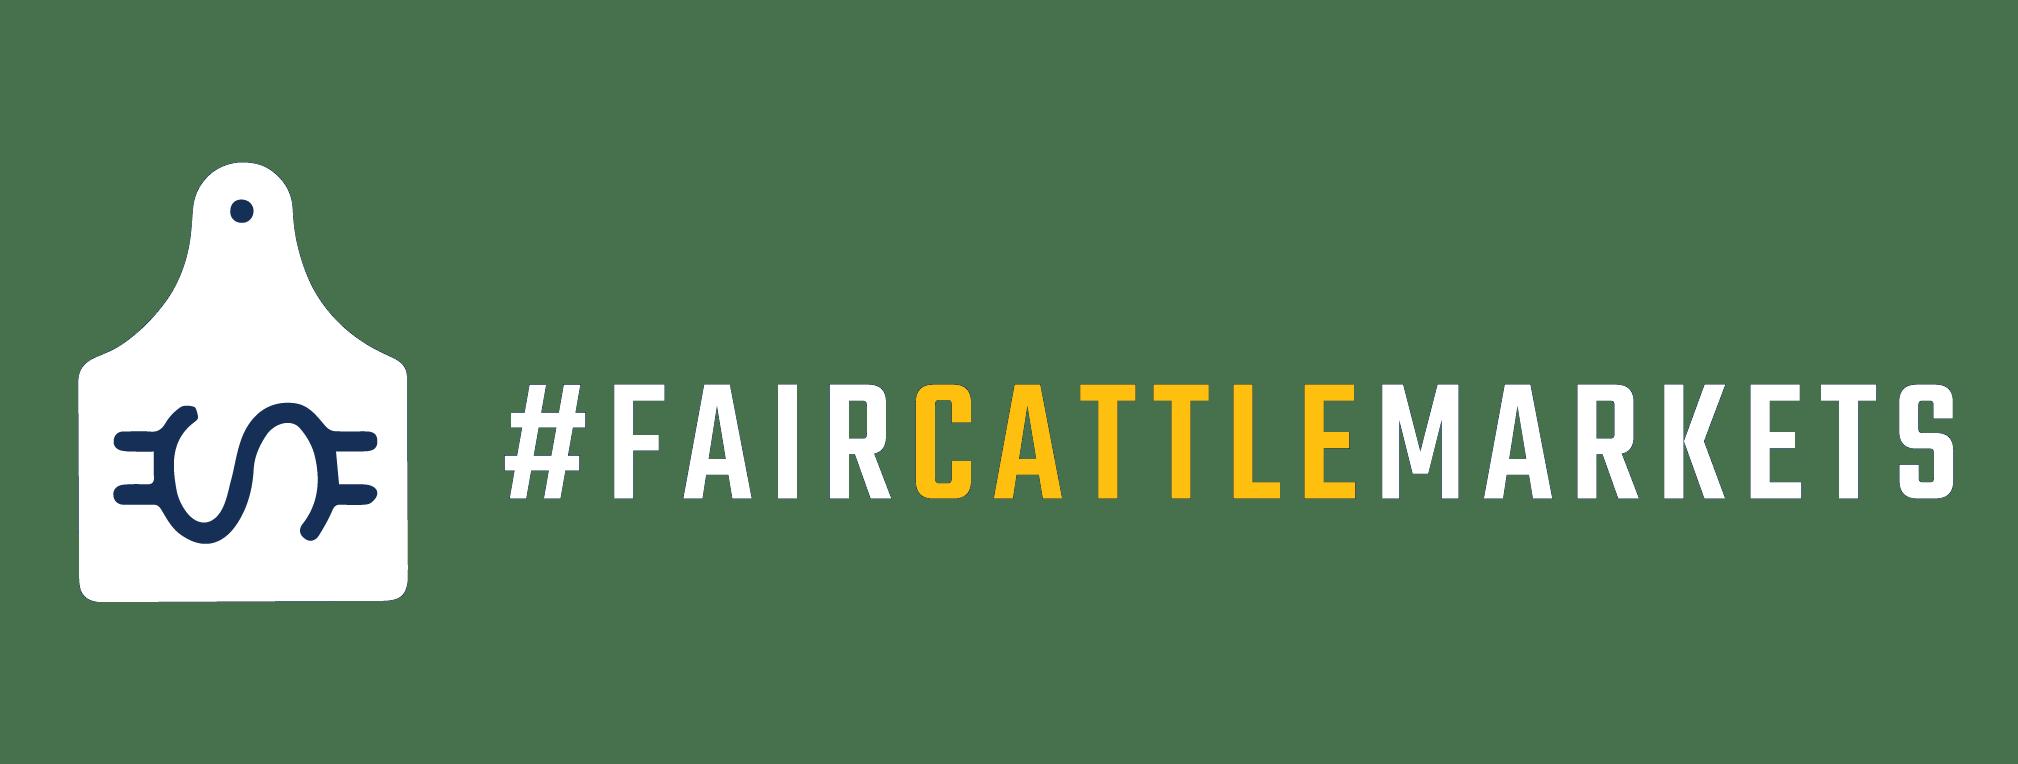 Fair Cattle Markets